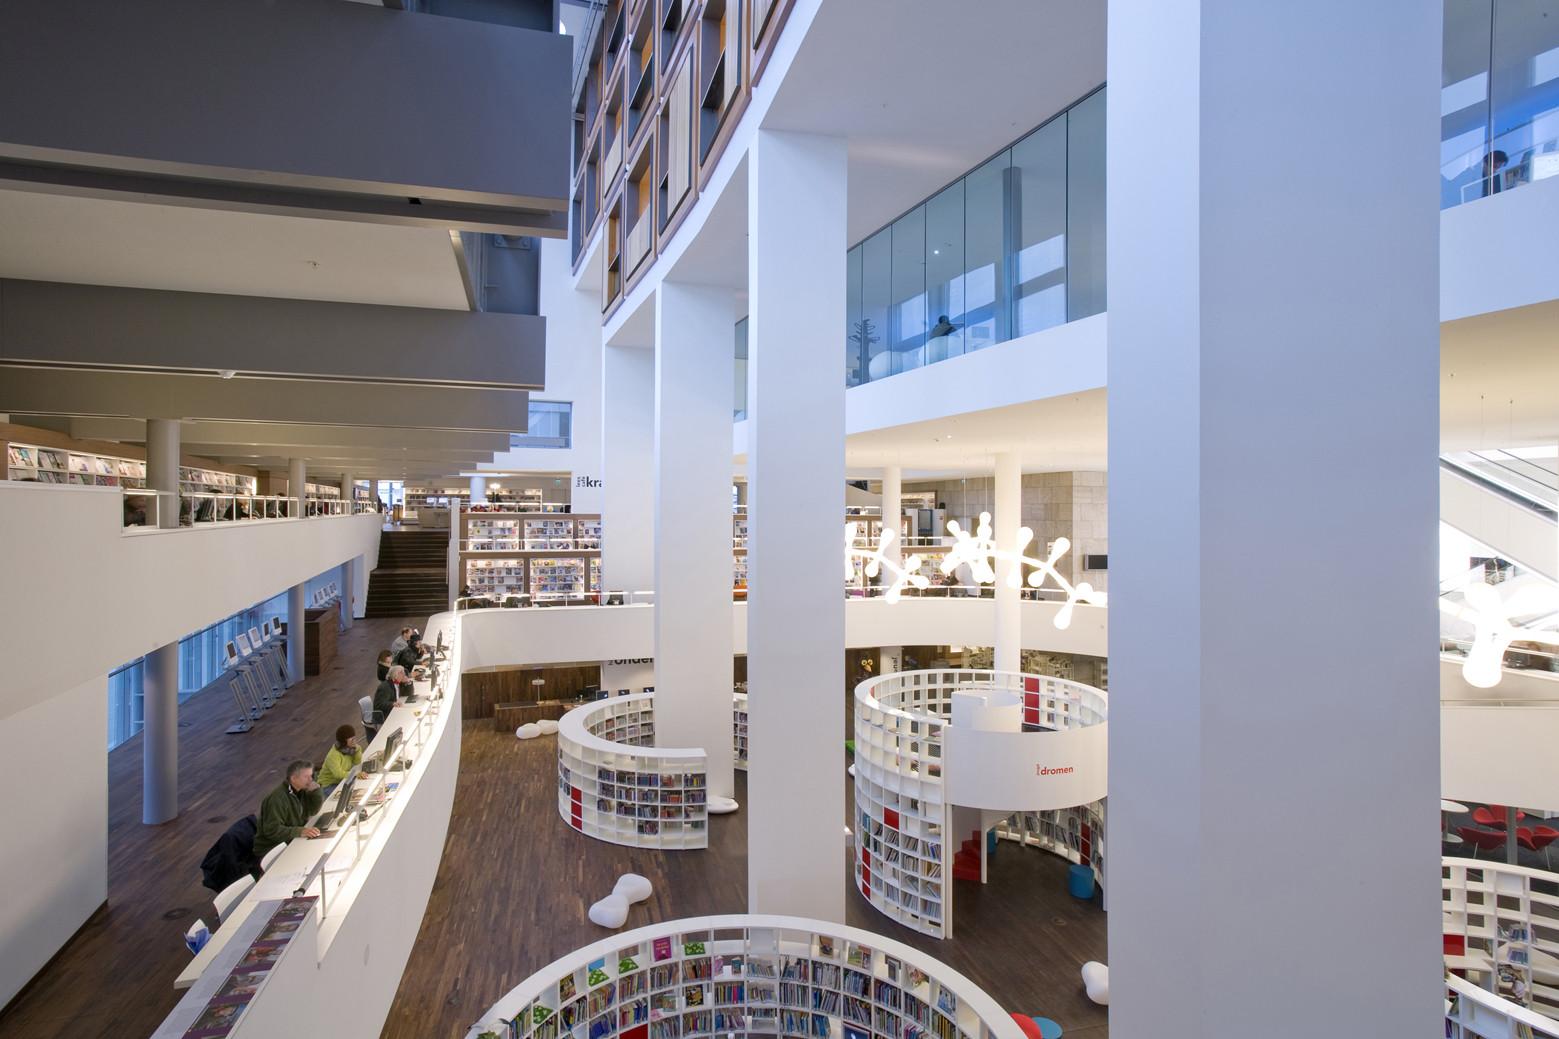 Public Library Amsterdam  /  Jo Coenen & Co Architekten, © Arjen Schmitz